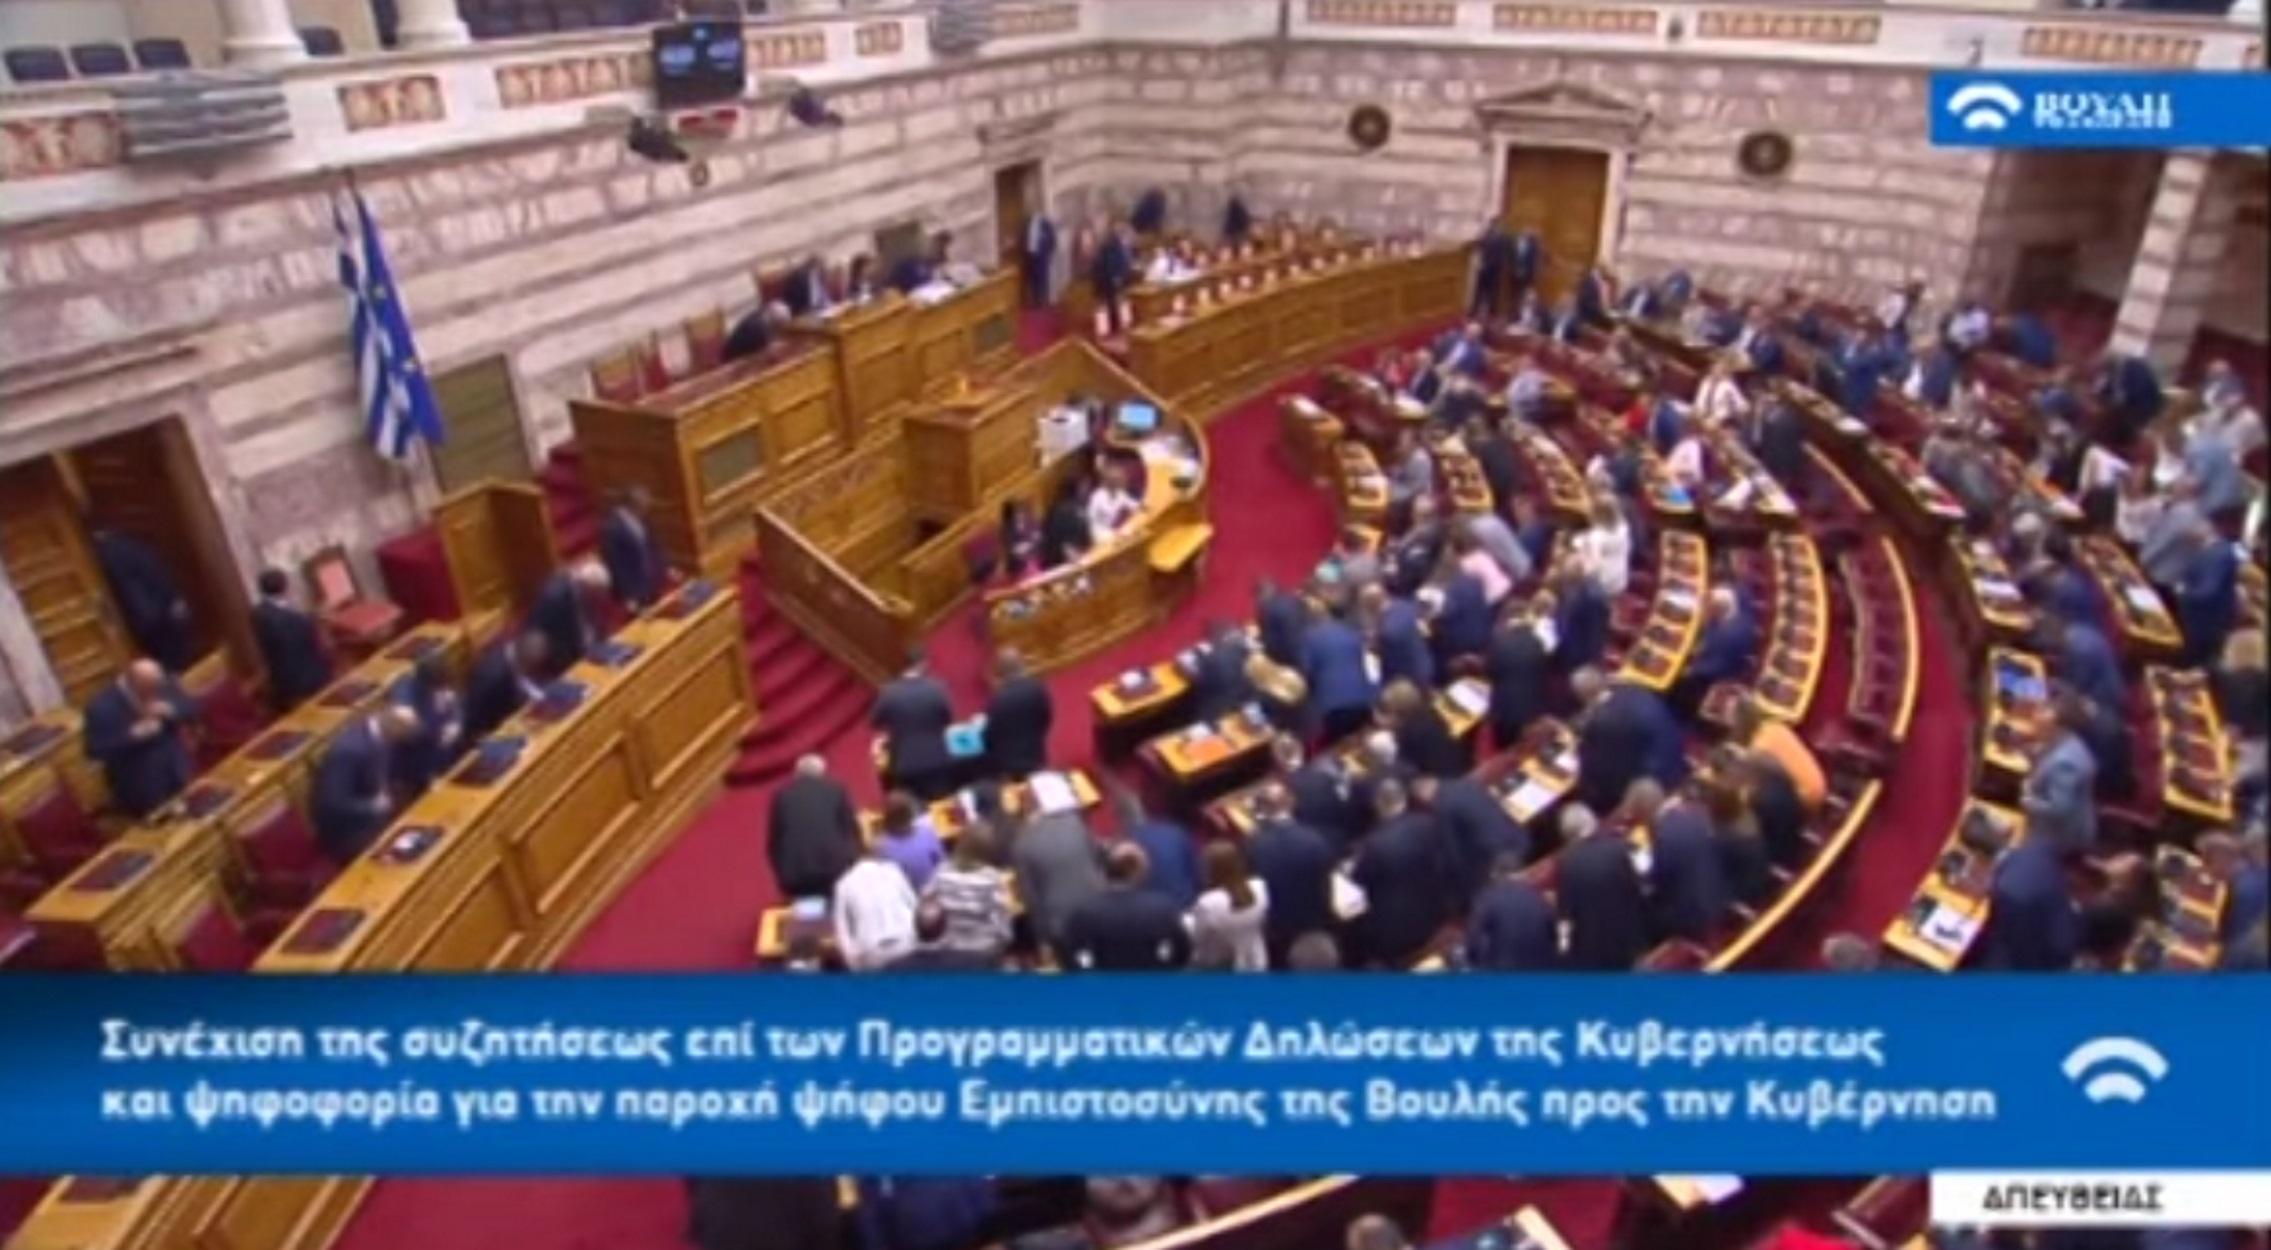 Βουλή: Κρατήθηκε 1′ λεπτού σιγή στη μνήμη των θυμάτων στο Μάτι – Video